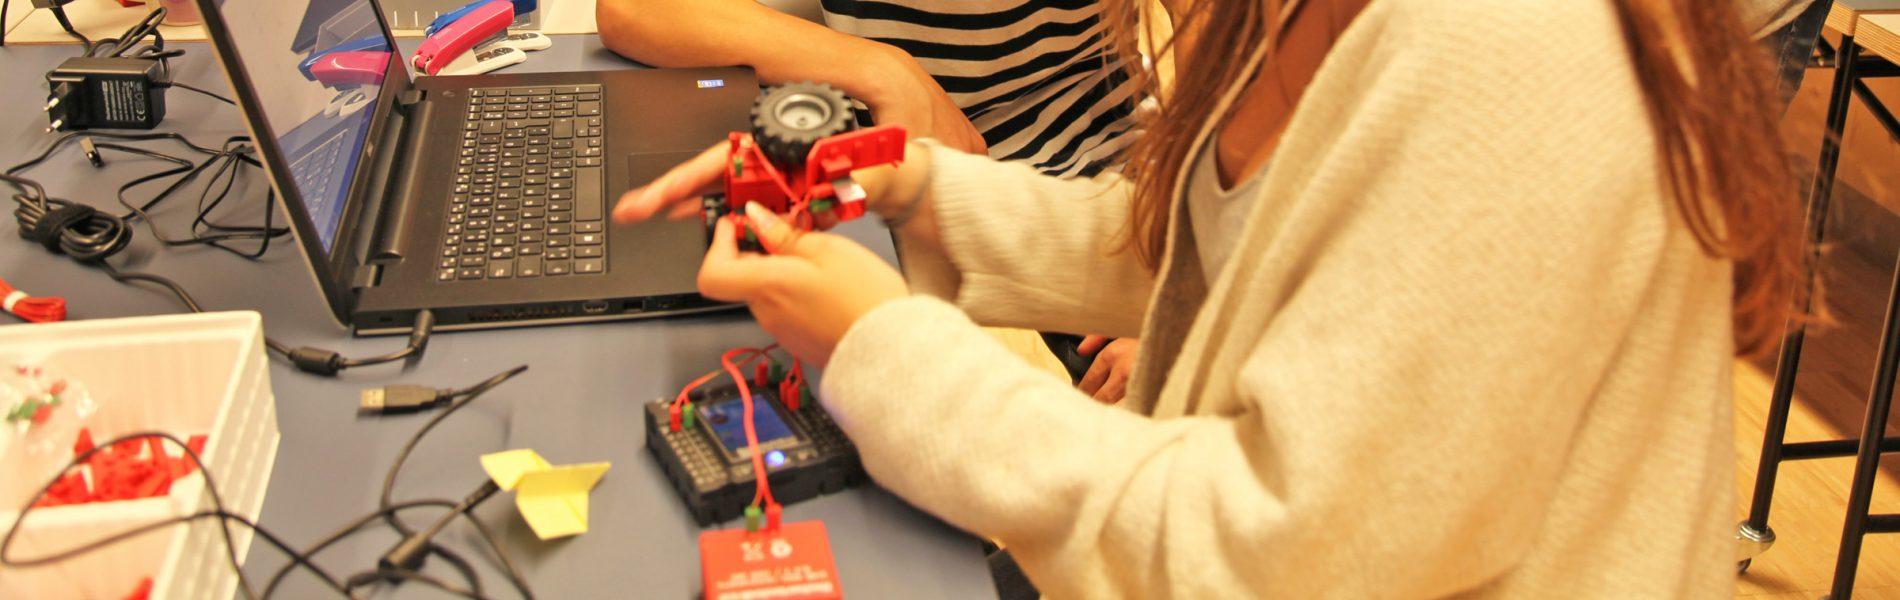 Mehrere Personen sitzen vor einem Laptop und bauen einen Roboter zusammen.